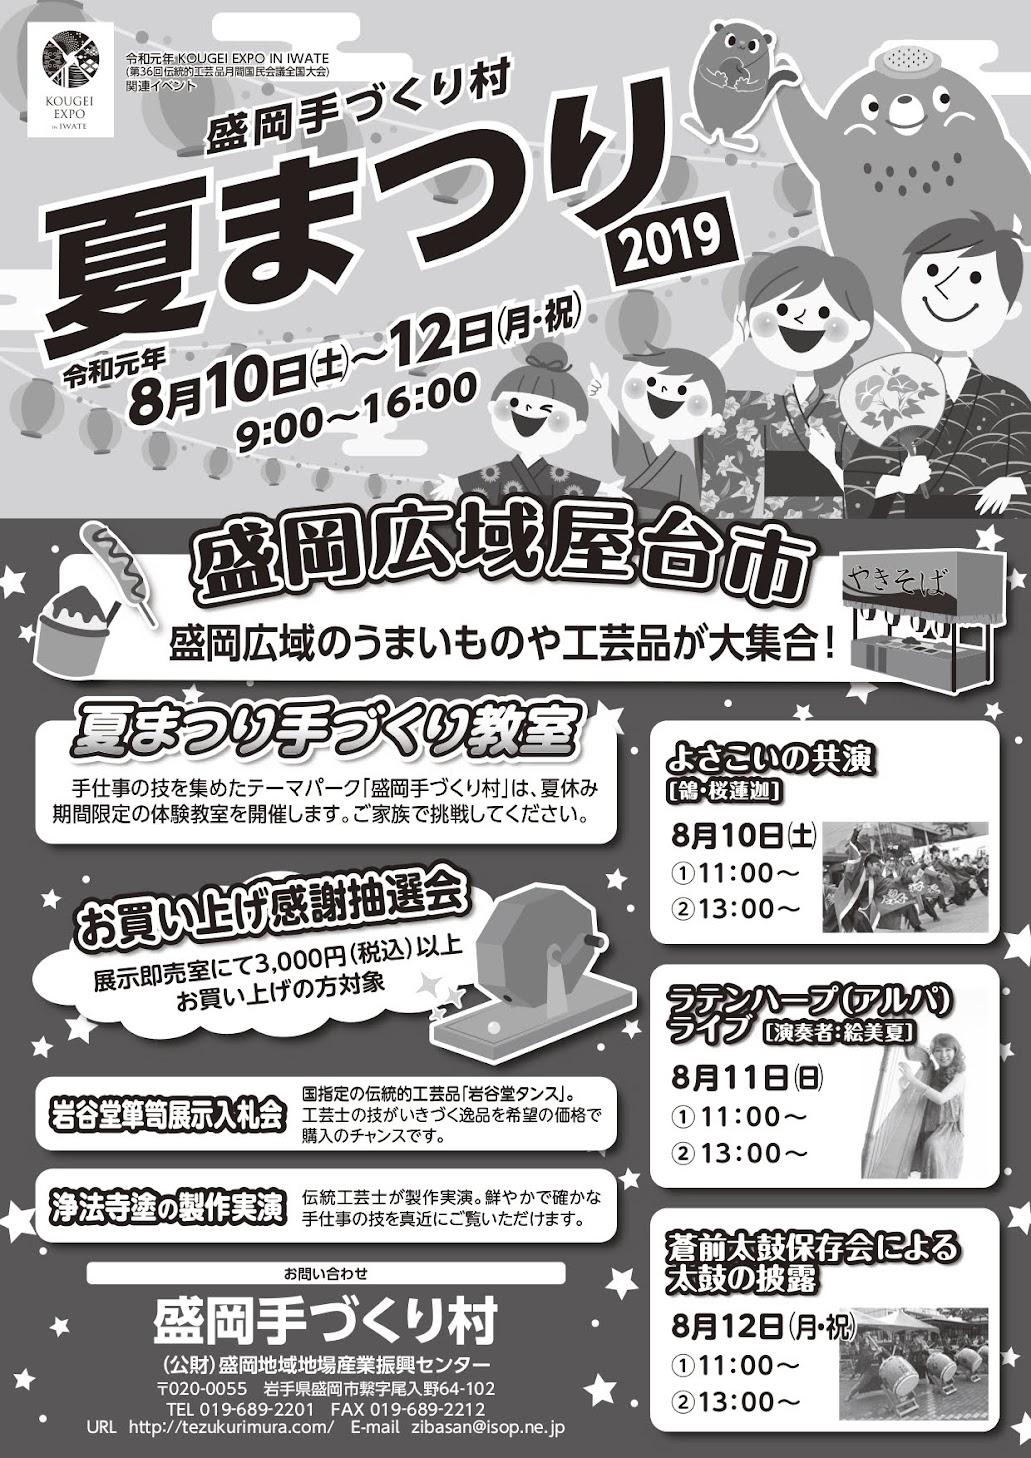 8/10-12「盛岡手づくり村夏祭り」開催のお知らせ